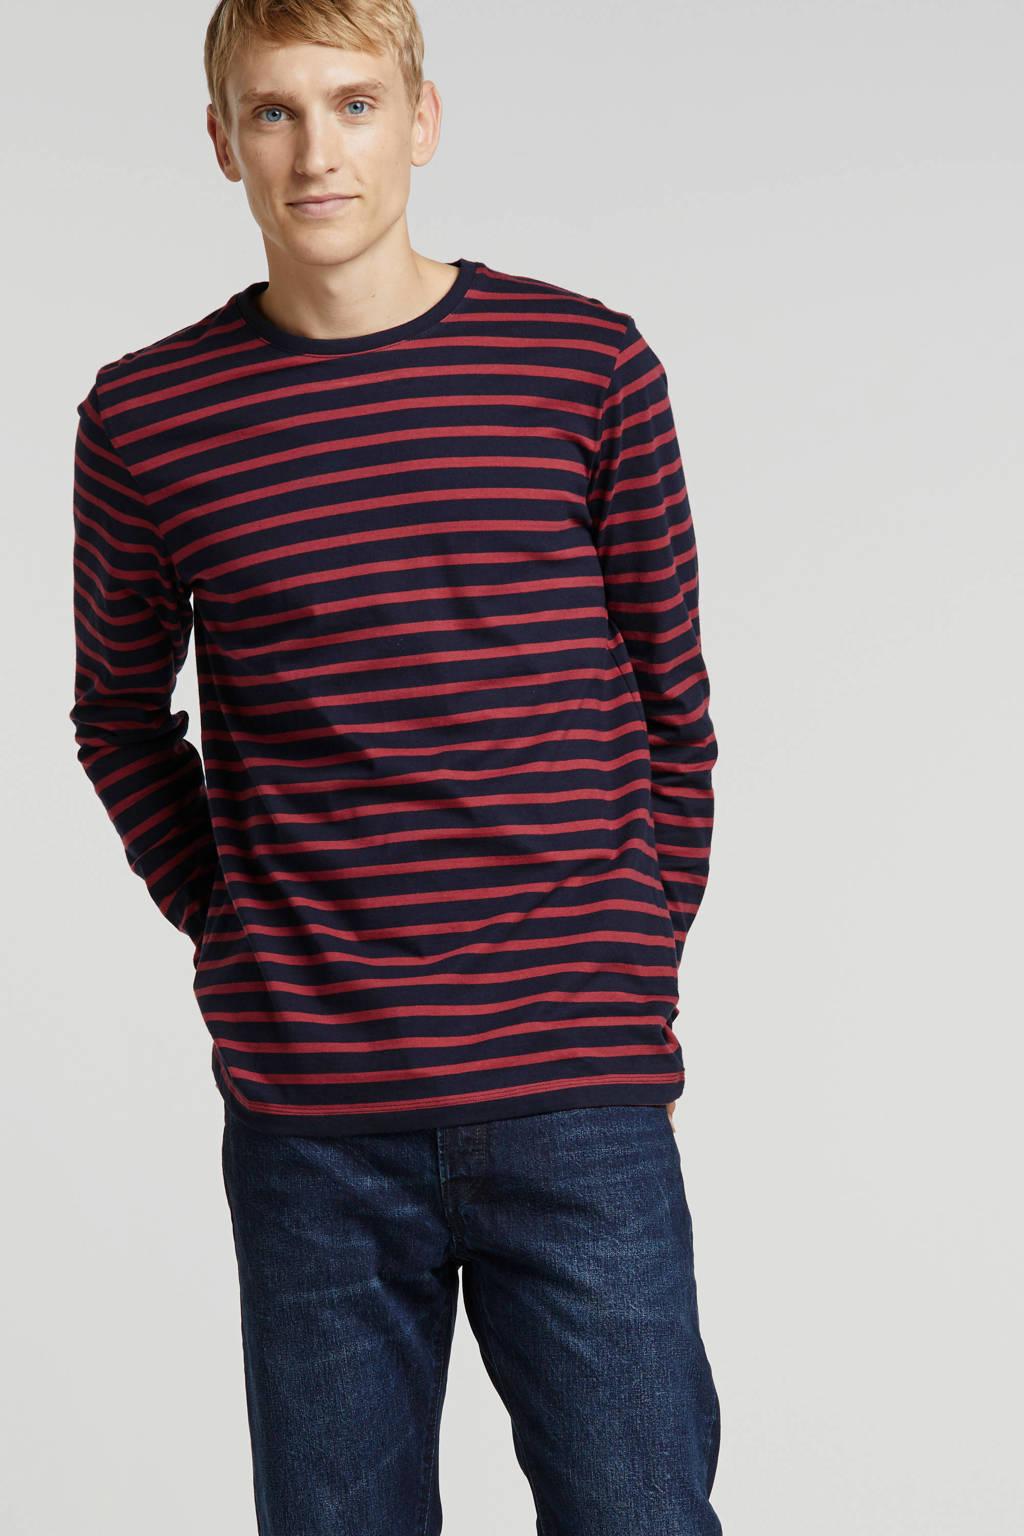 ESPRIT Men Casual gestreept T-shirt marine/rood, Marine/rood